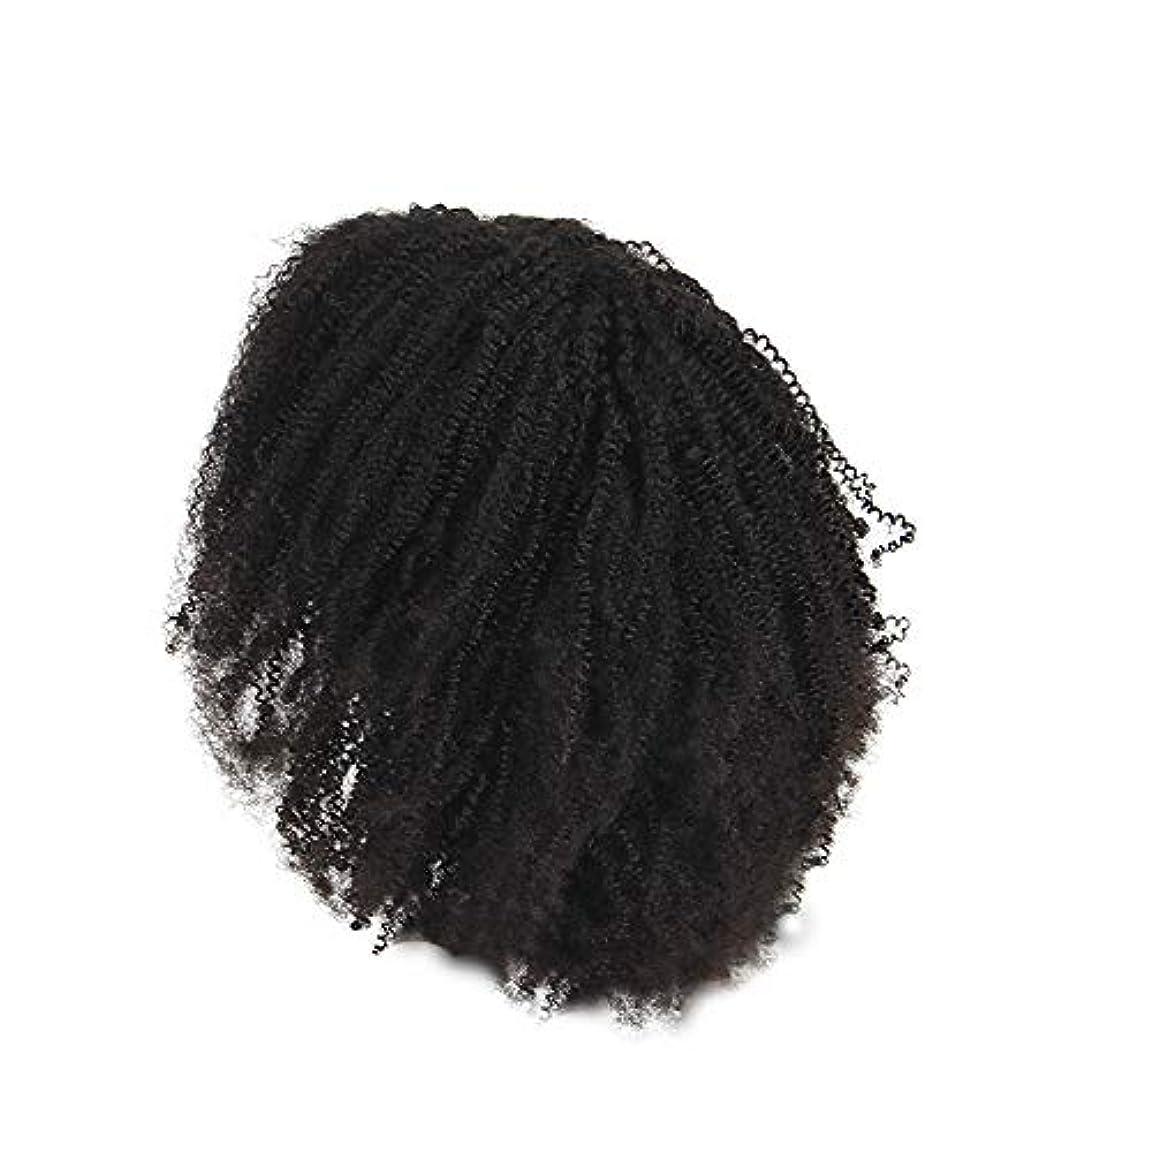 嫌い異議強調するかつらレース化学繊維爆発ヘッド小体積短い髪かつらの前に